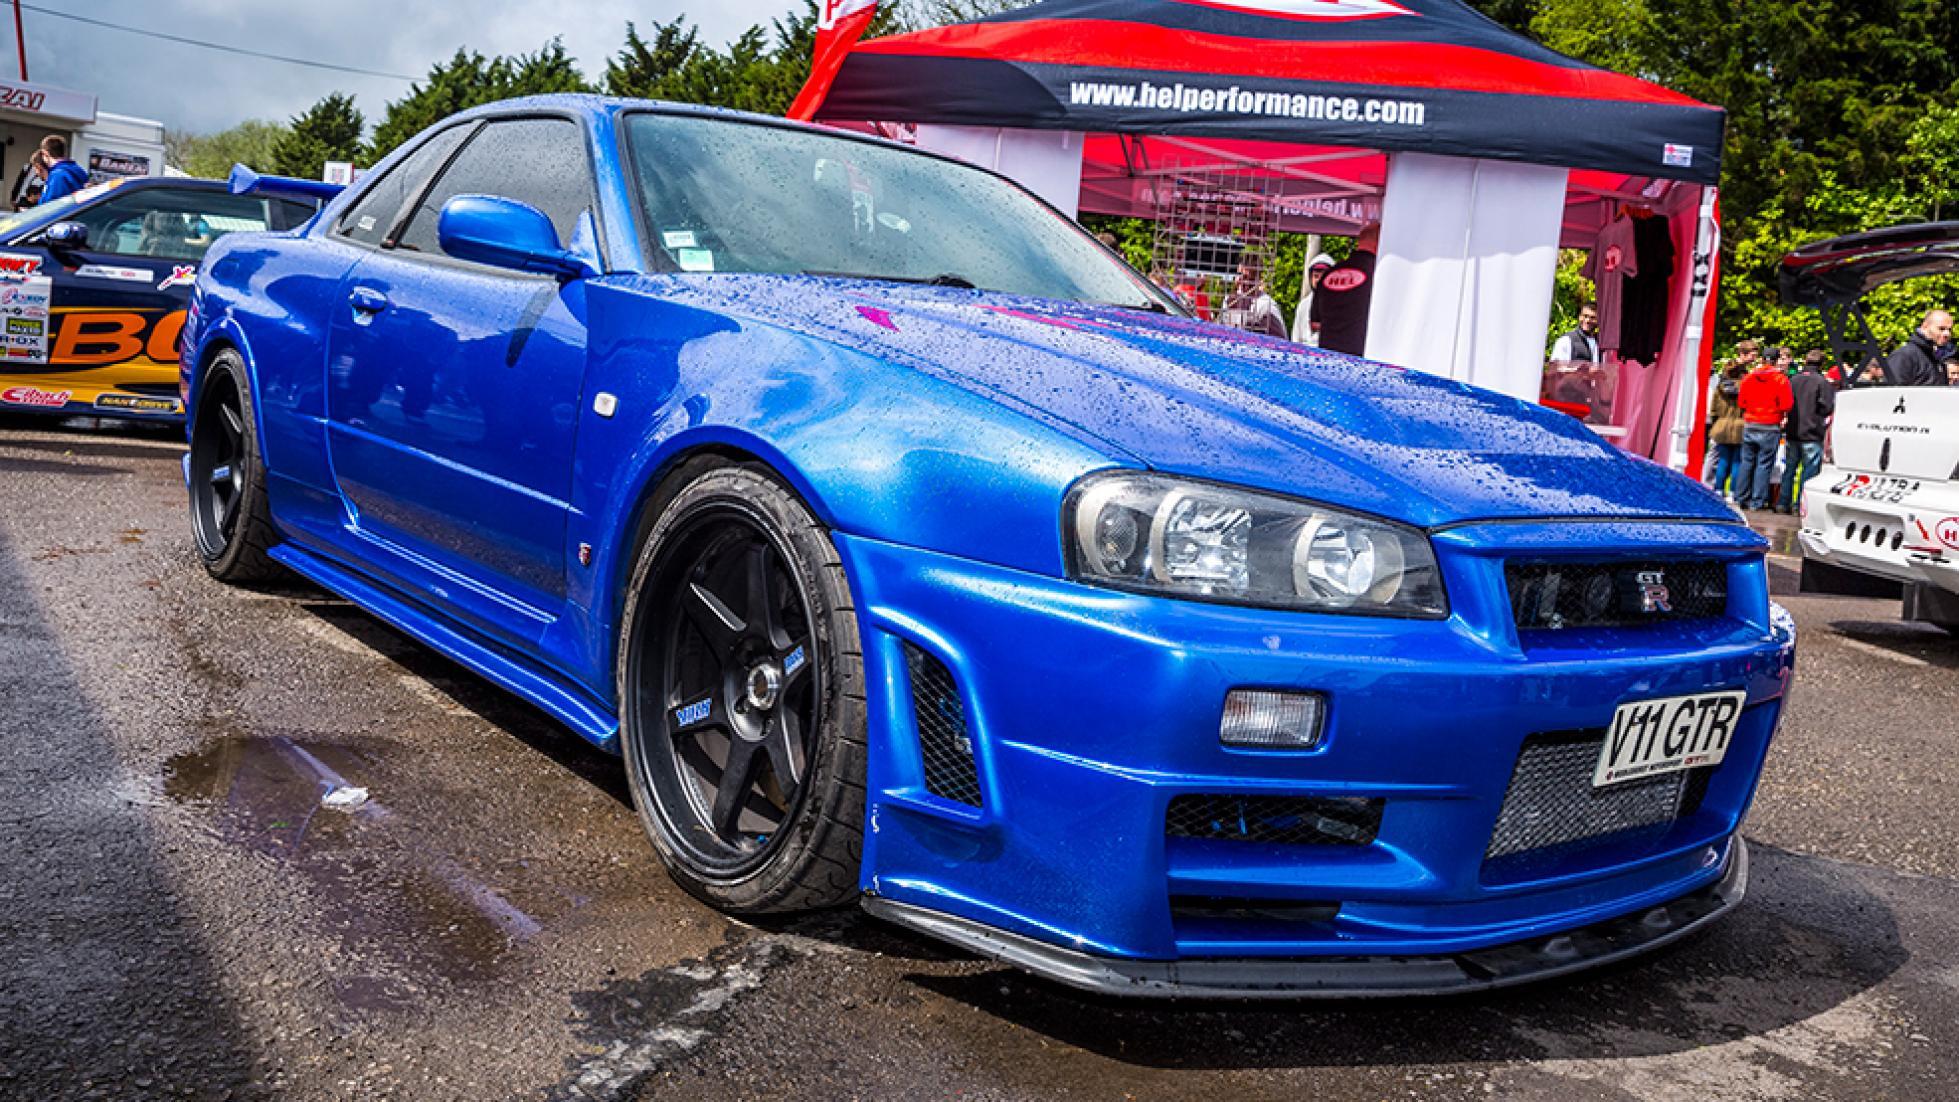 Fast And Furious 4 Cars Wallpapers 【海外の反応】 パンドラの憂鬱 海外「日本車は傑作が多すぎる」 英tv『日本車を象徴する一台は何なのか』